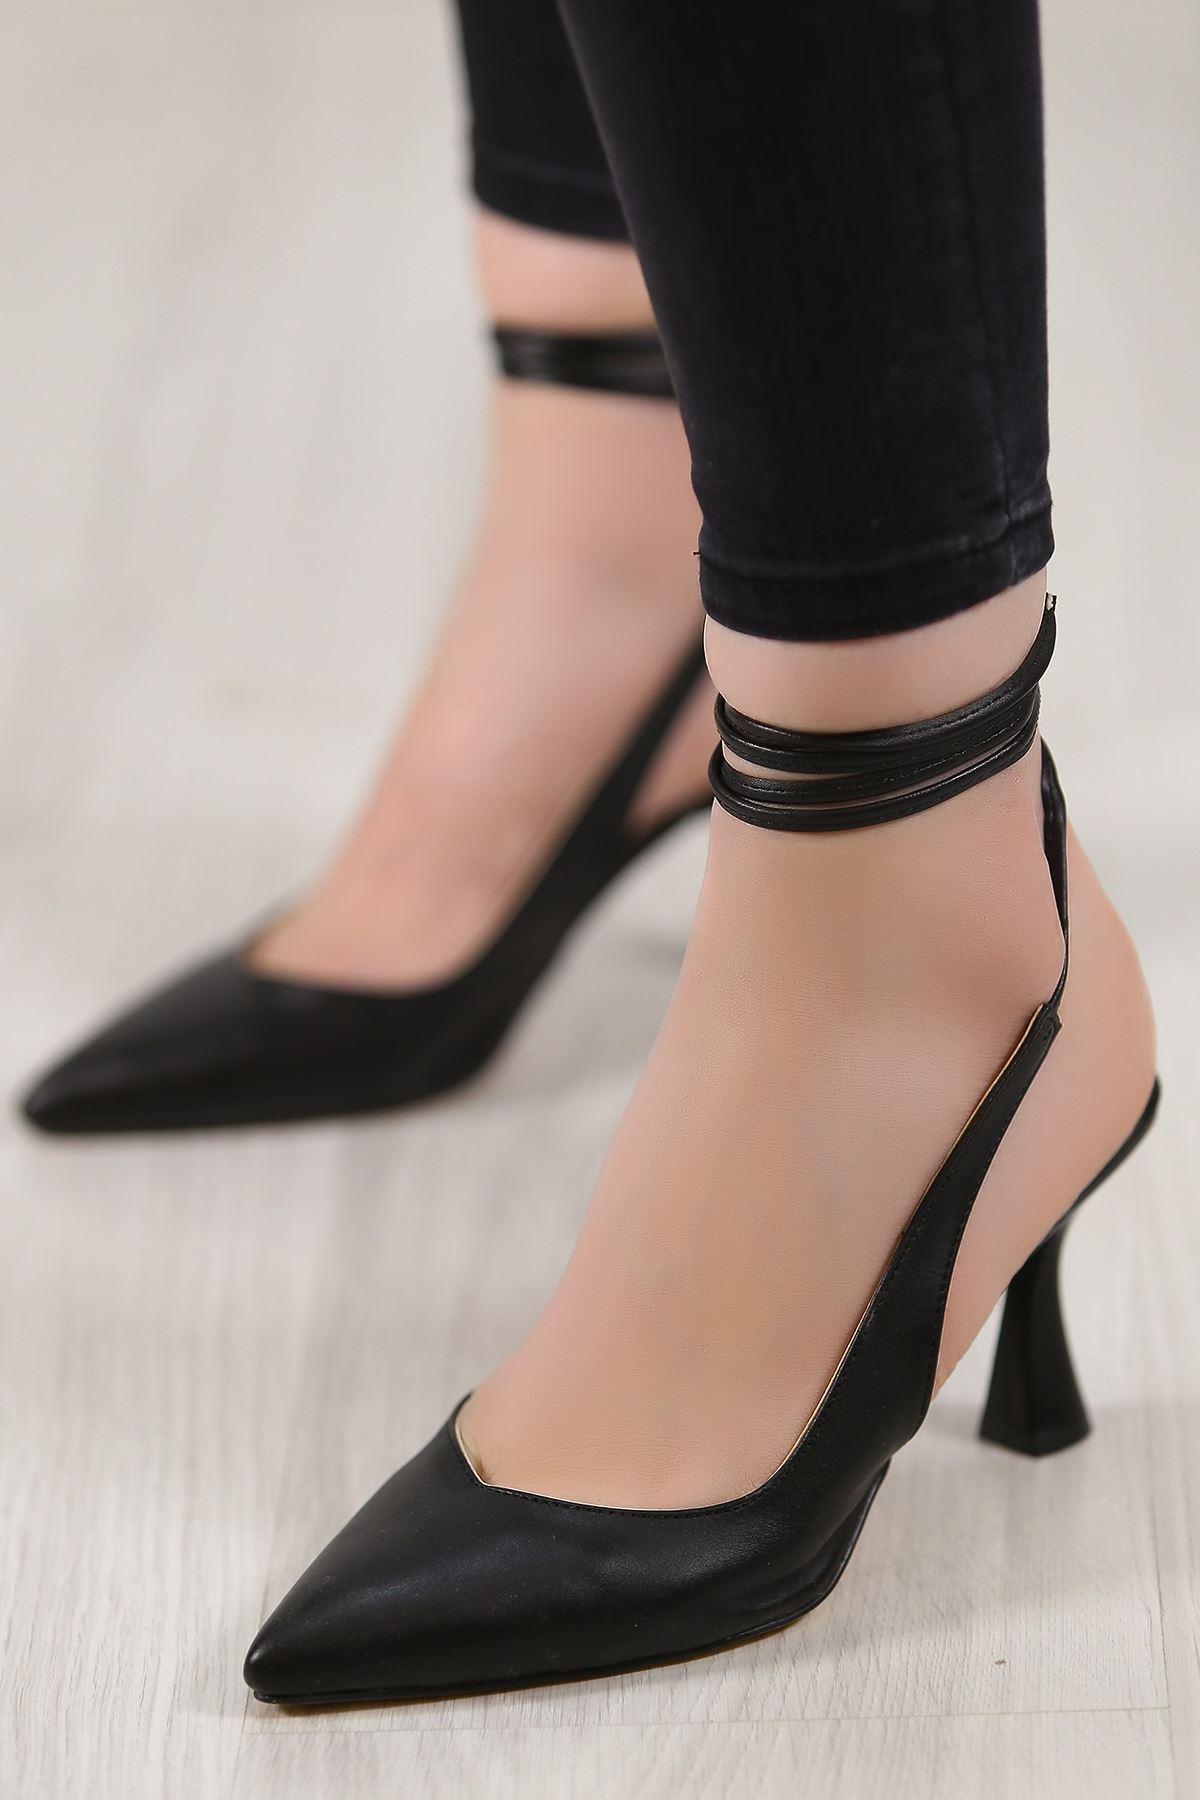 5cm Topuklu Ayakkabı Siyahderi - 4867.264.